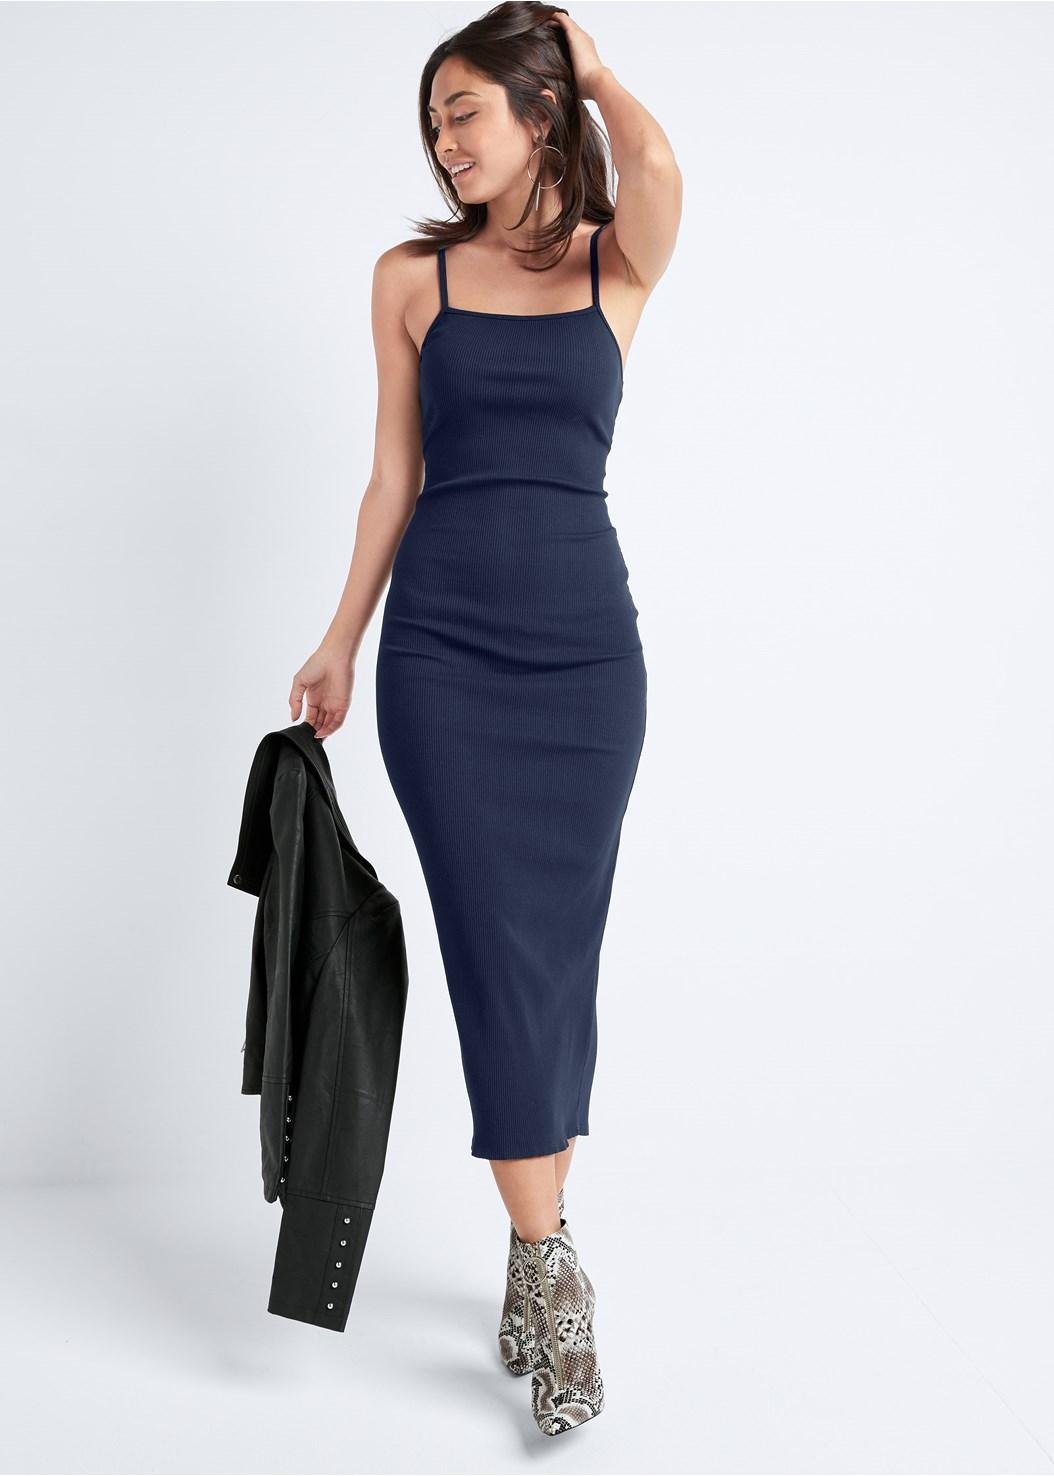 Ribbed Midi Dress,Jean Jacket,Ankle Strap Heels,Hoop Detail Earrings